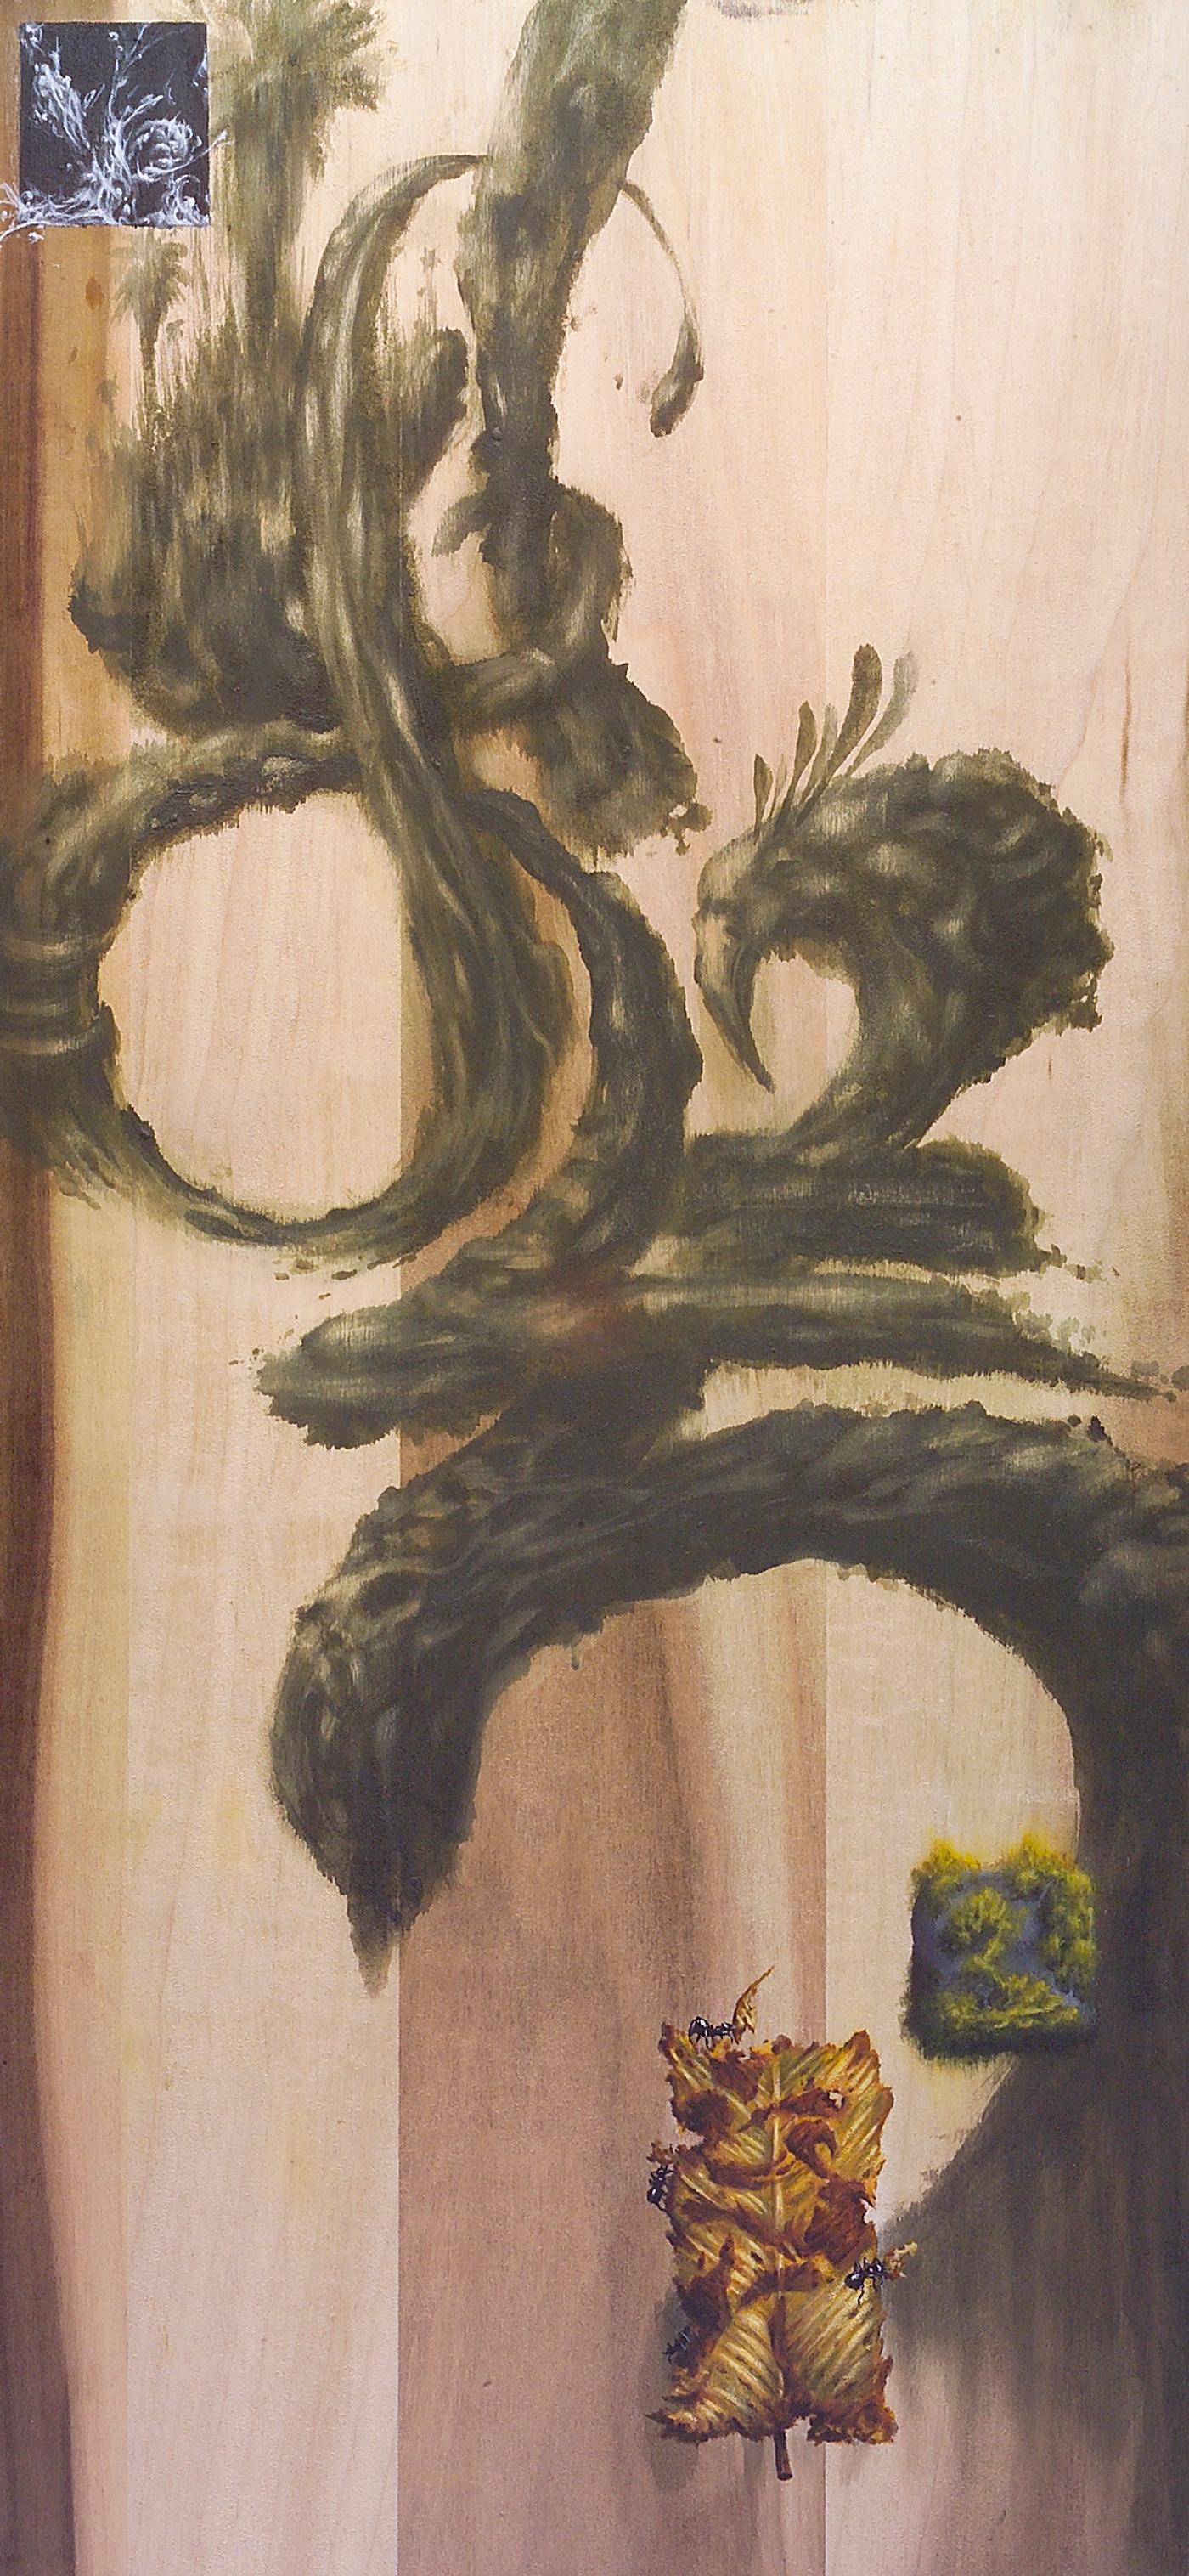 Evan Skrederstu.  Up Late.  2005 – acrylic and sandpaper on wood, 30″ x 12″.